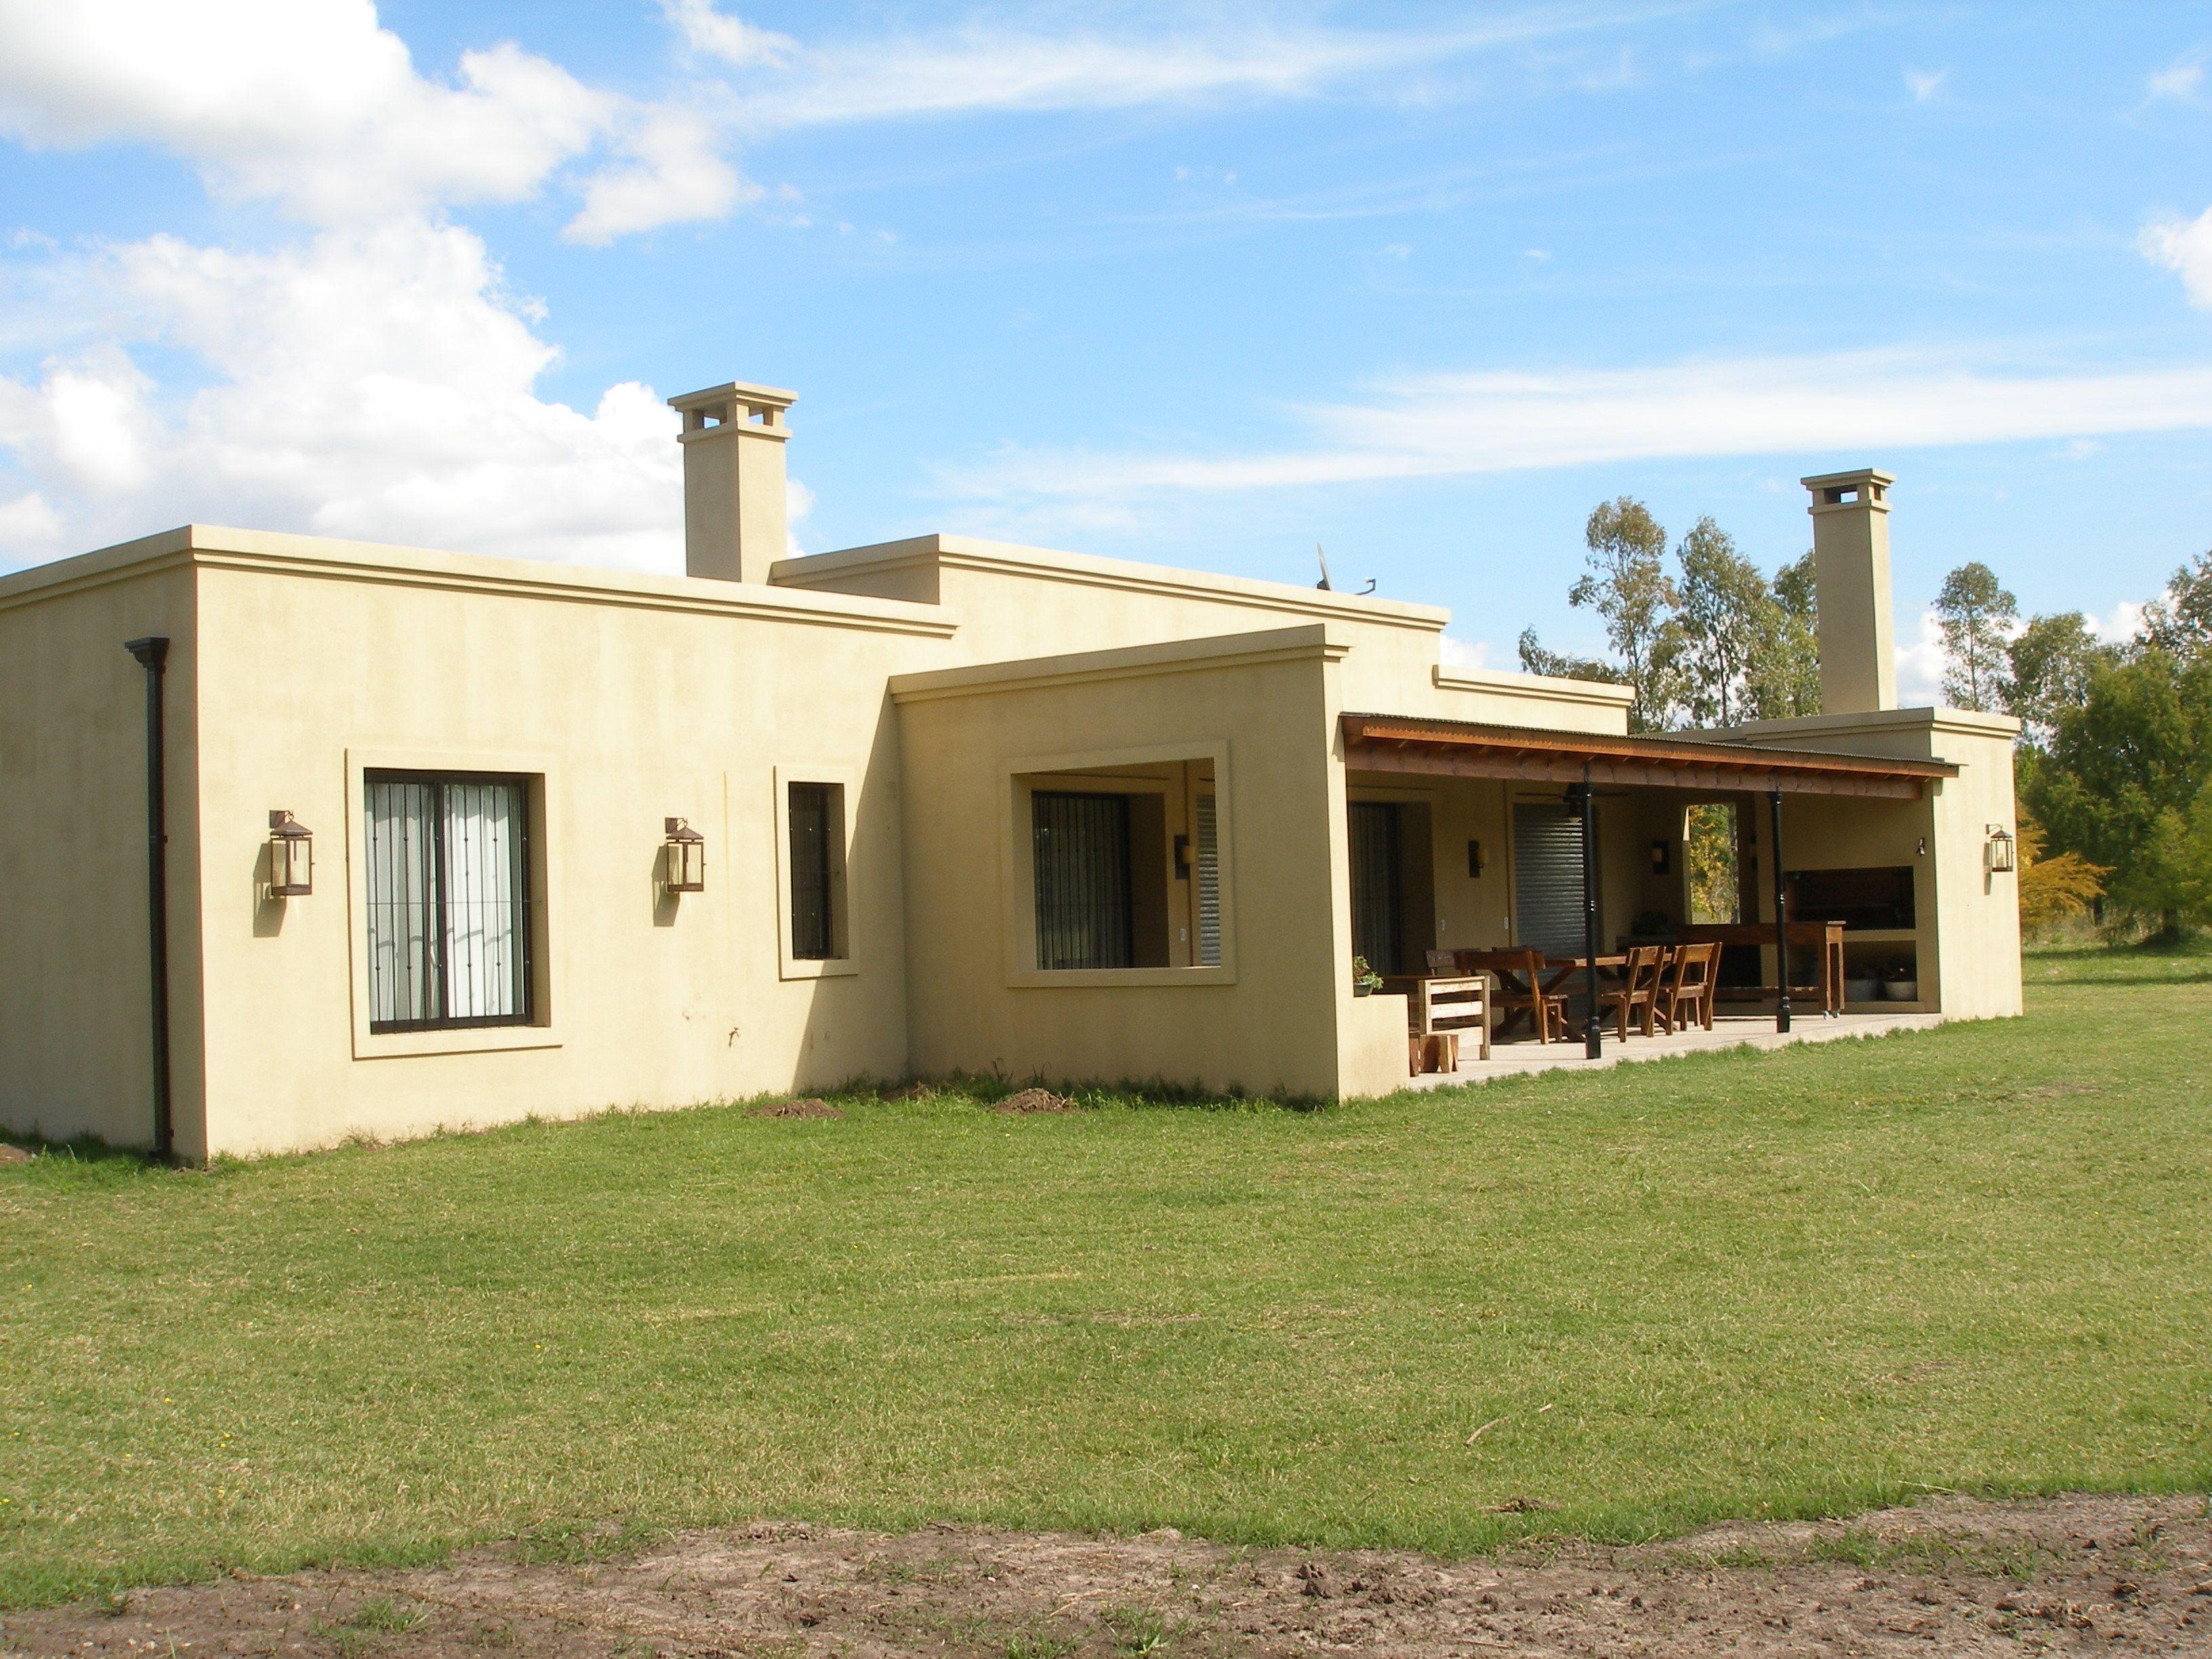 Casa en el campo con galer a amplia y protegida estudio for Fachadas casas de campo campestres